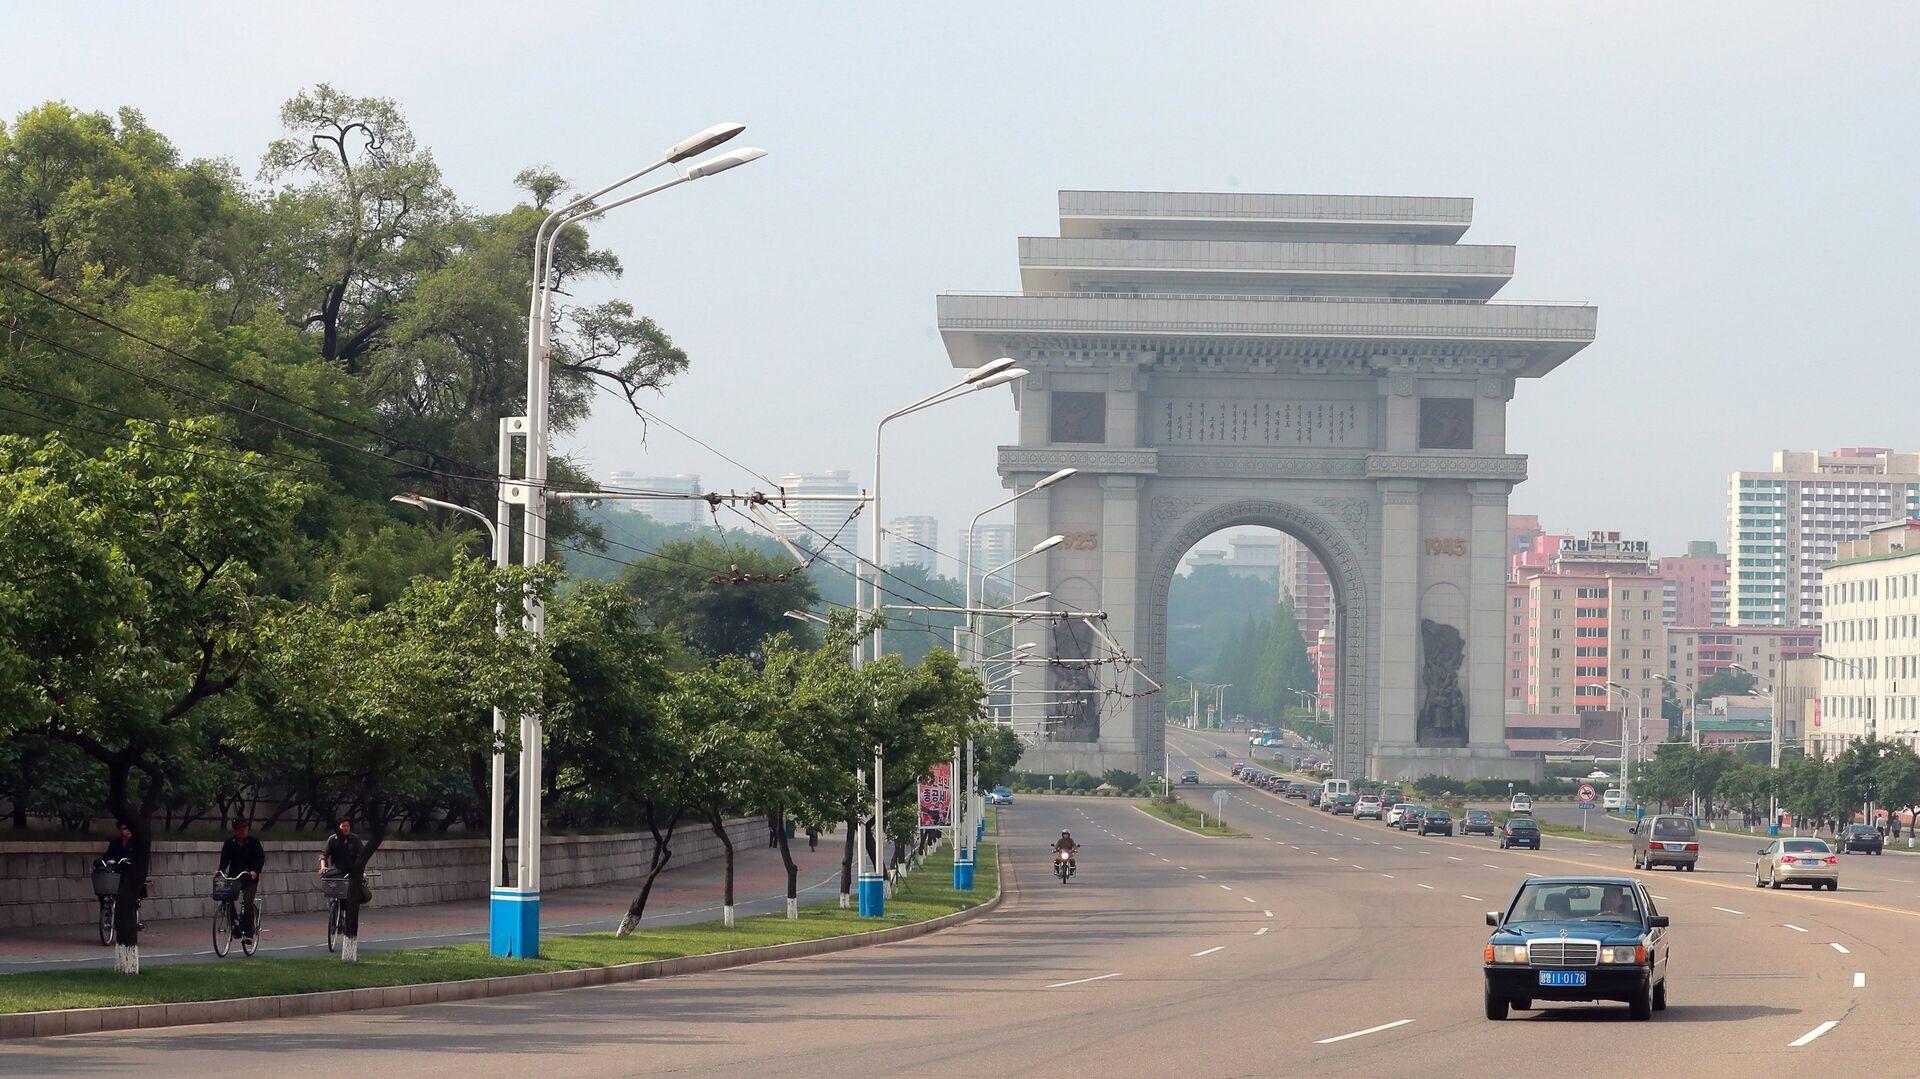 Триумфальные ворота в Пхеньяне - РИА Новости, 1920, 22.10.2020